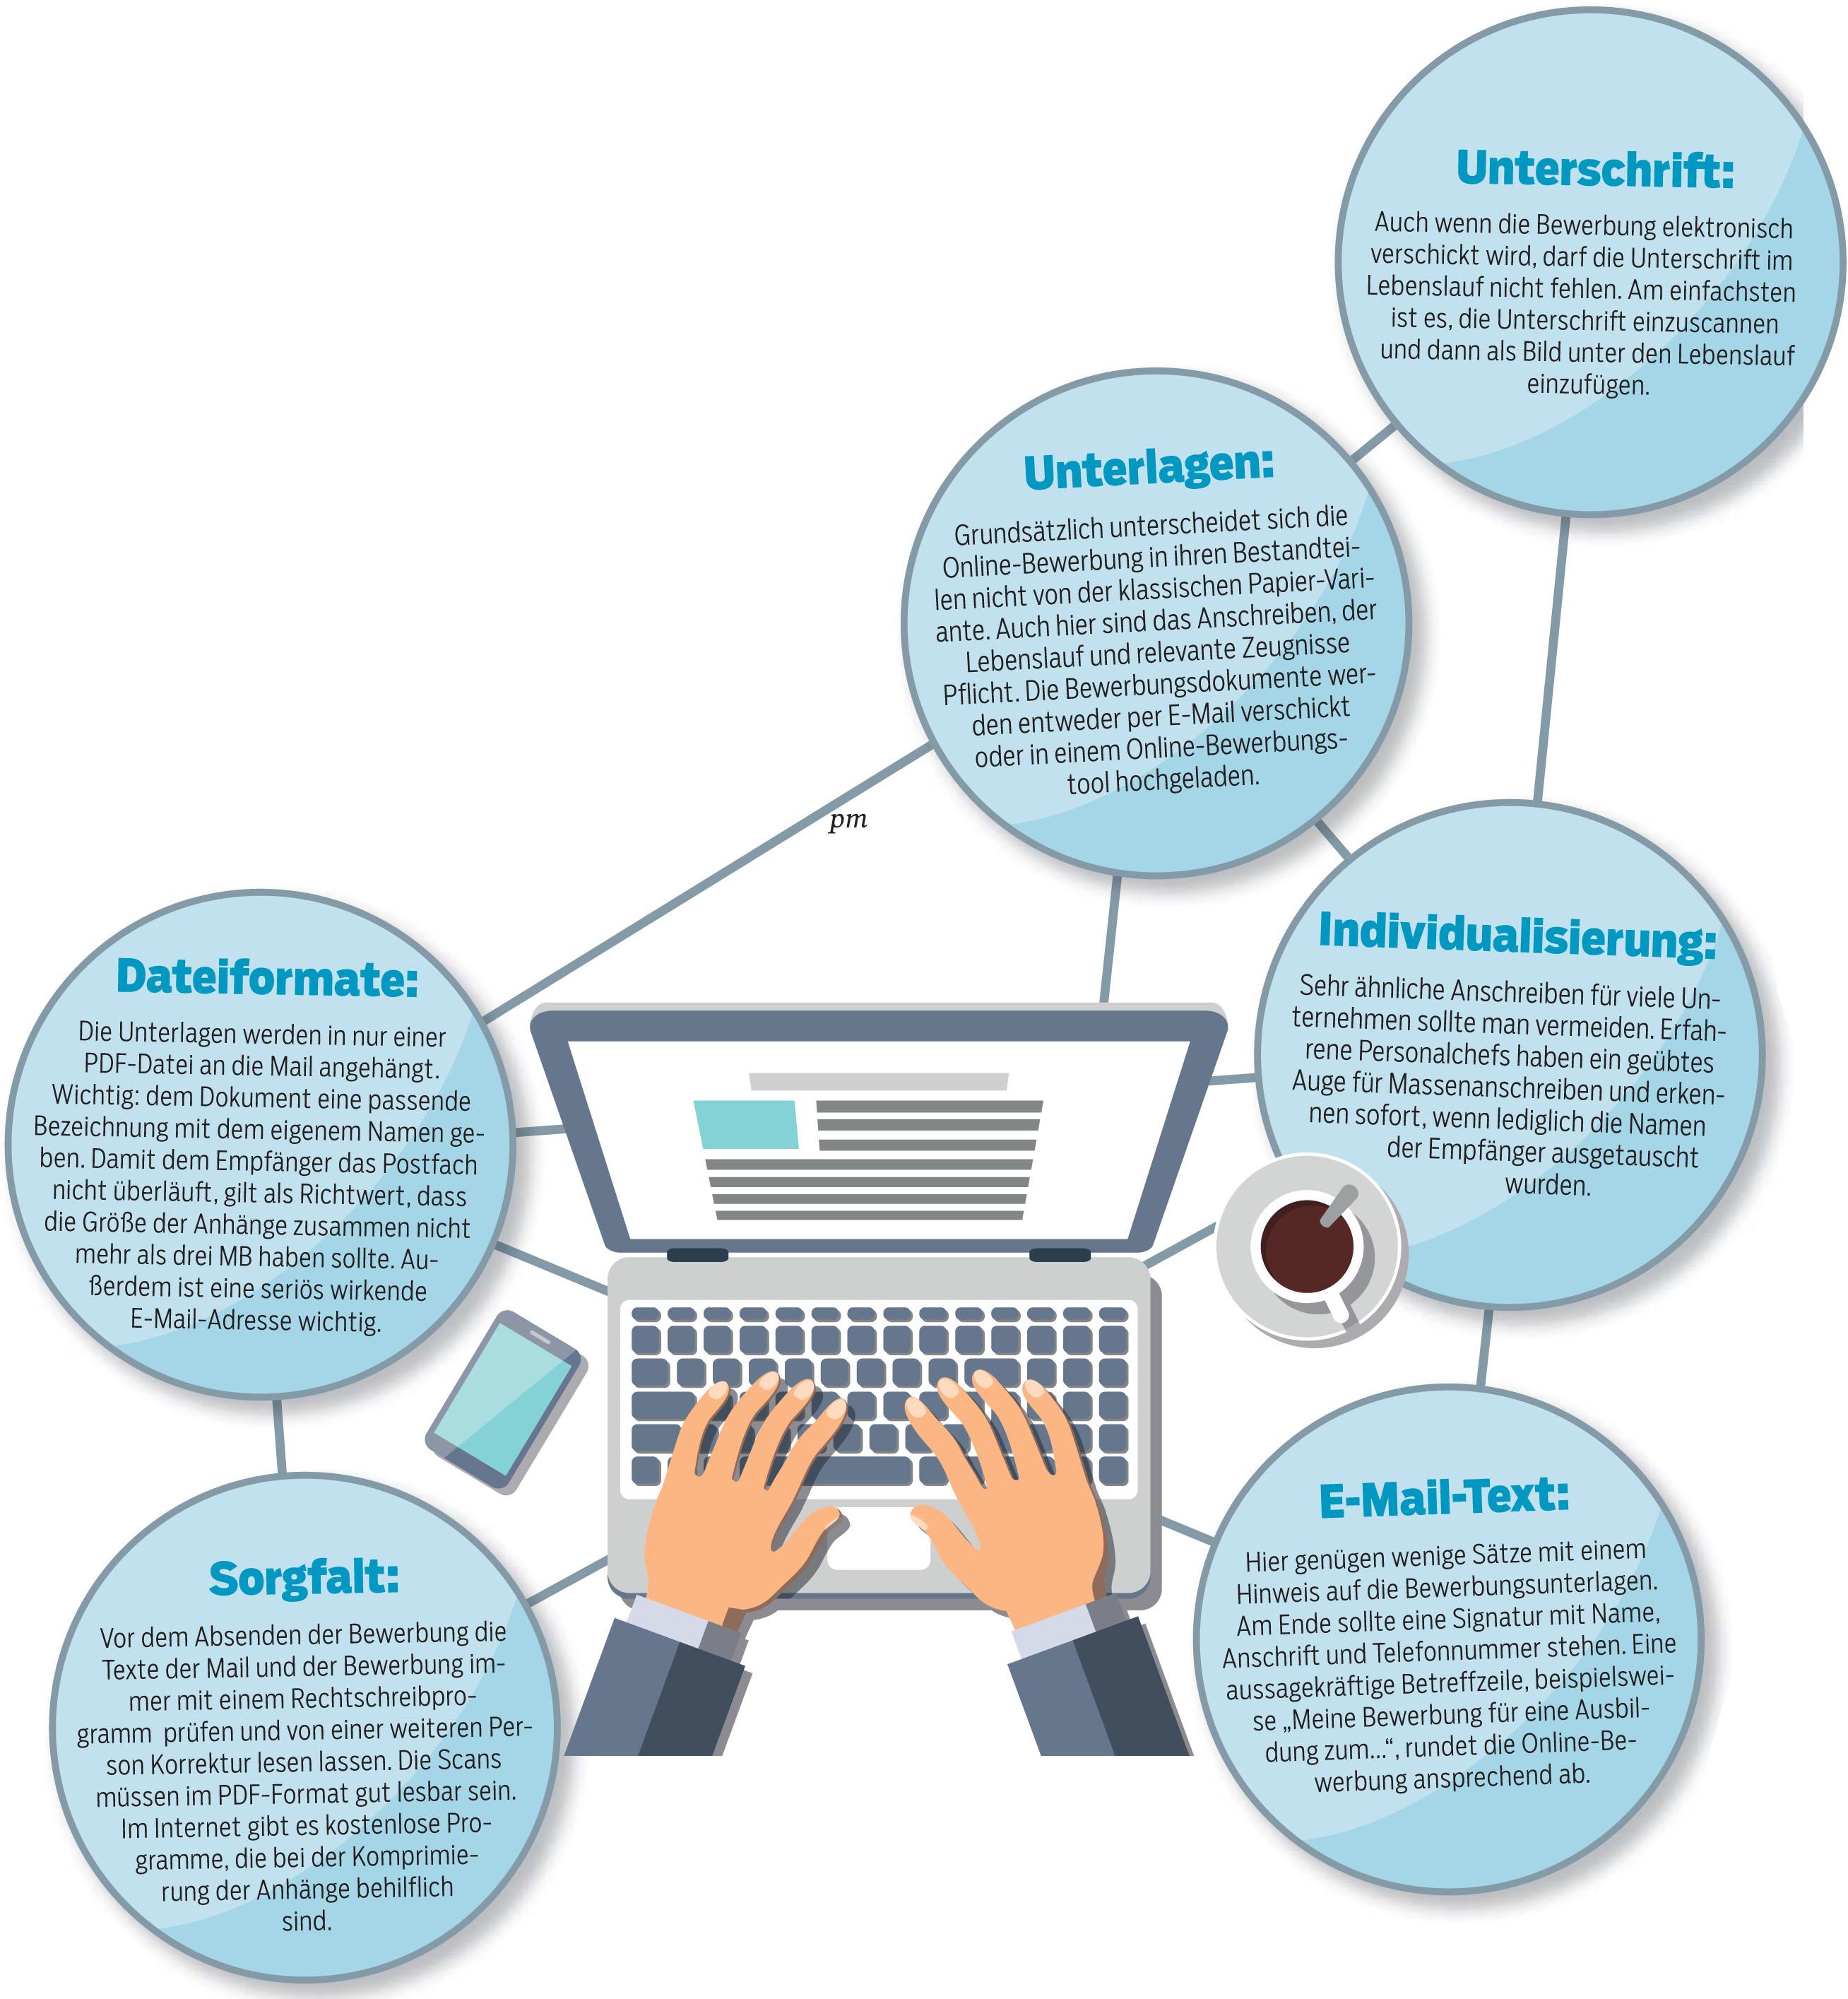 Online Bewerbung Muster Die 8 Wichtigsten 5